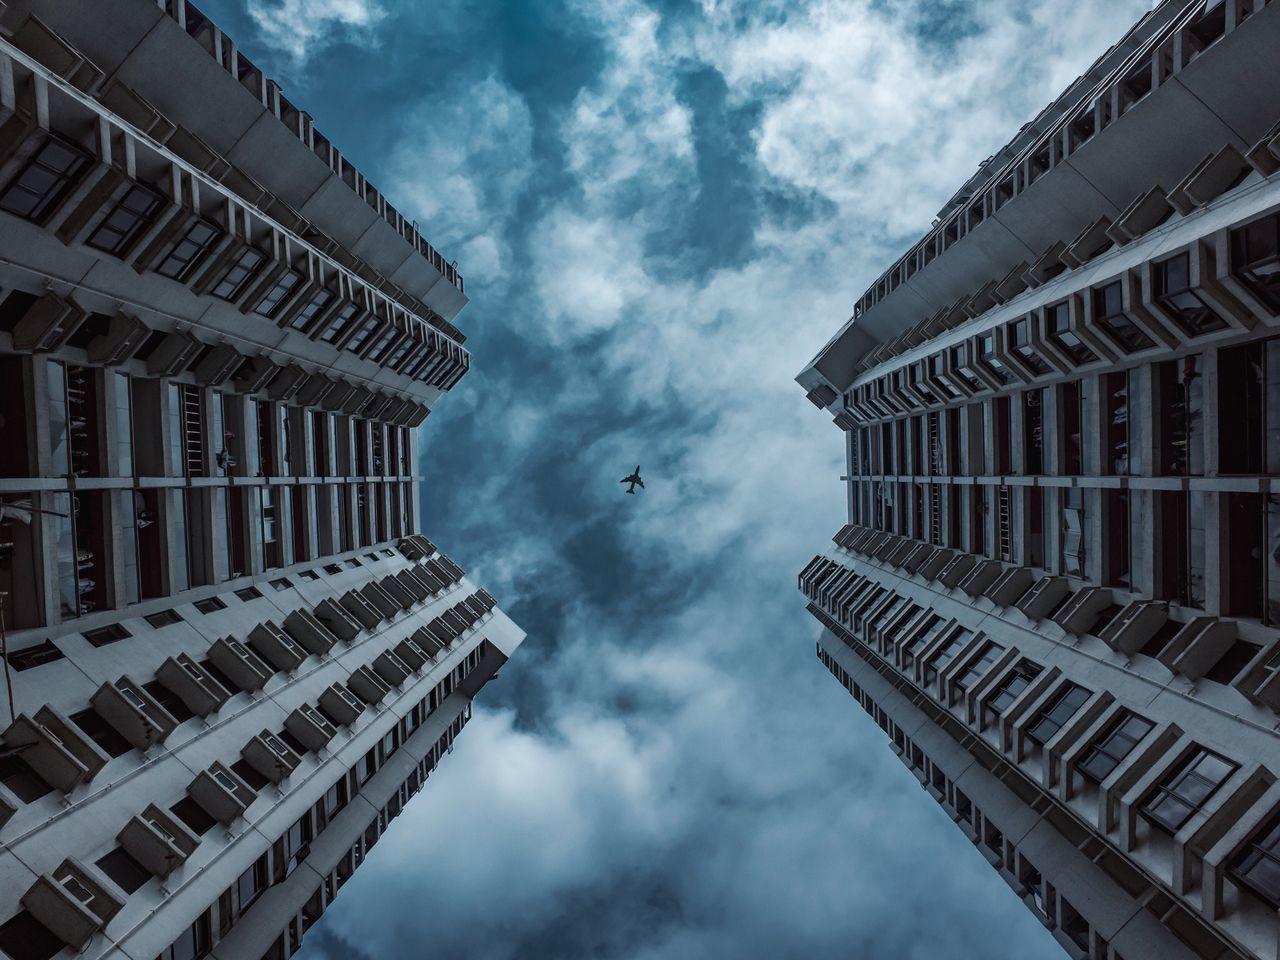 Beautiful stock photos of flugzeug, cloud - sky, sky, built structure, building exterior